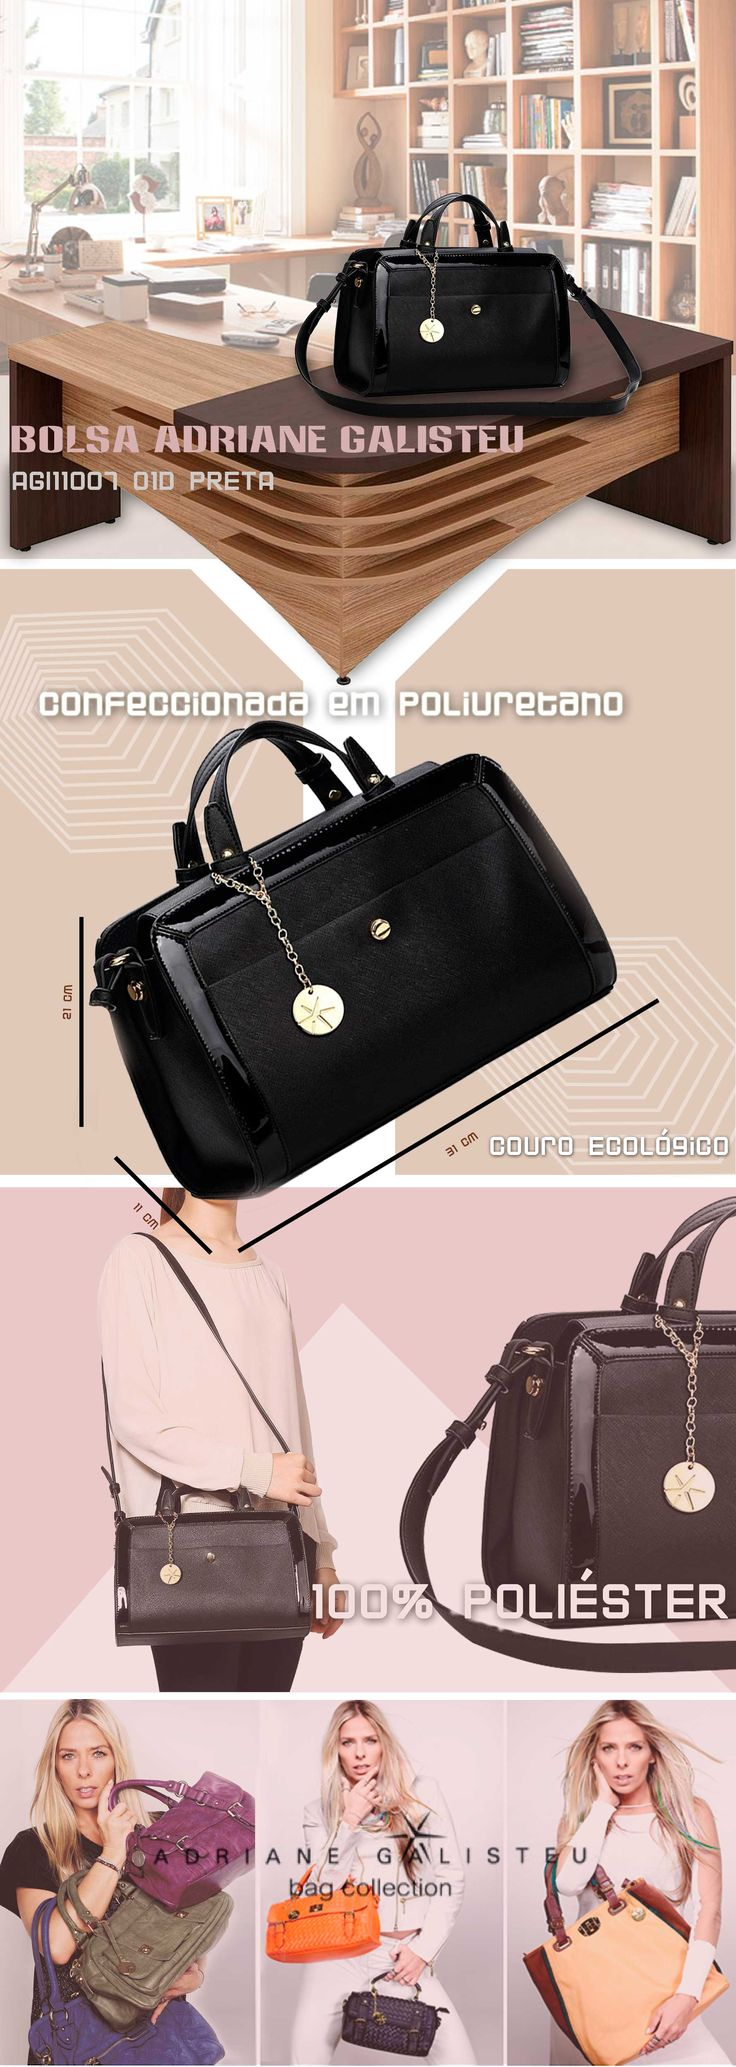 Bolsas femininas Adriane Galisteu . A maior variedade de bolsas, malas e mochilas da internet em um só lugar. Pensou em bolsa, pensou EllaStore. A sua loja de bolsas da internet